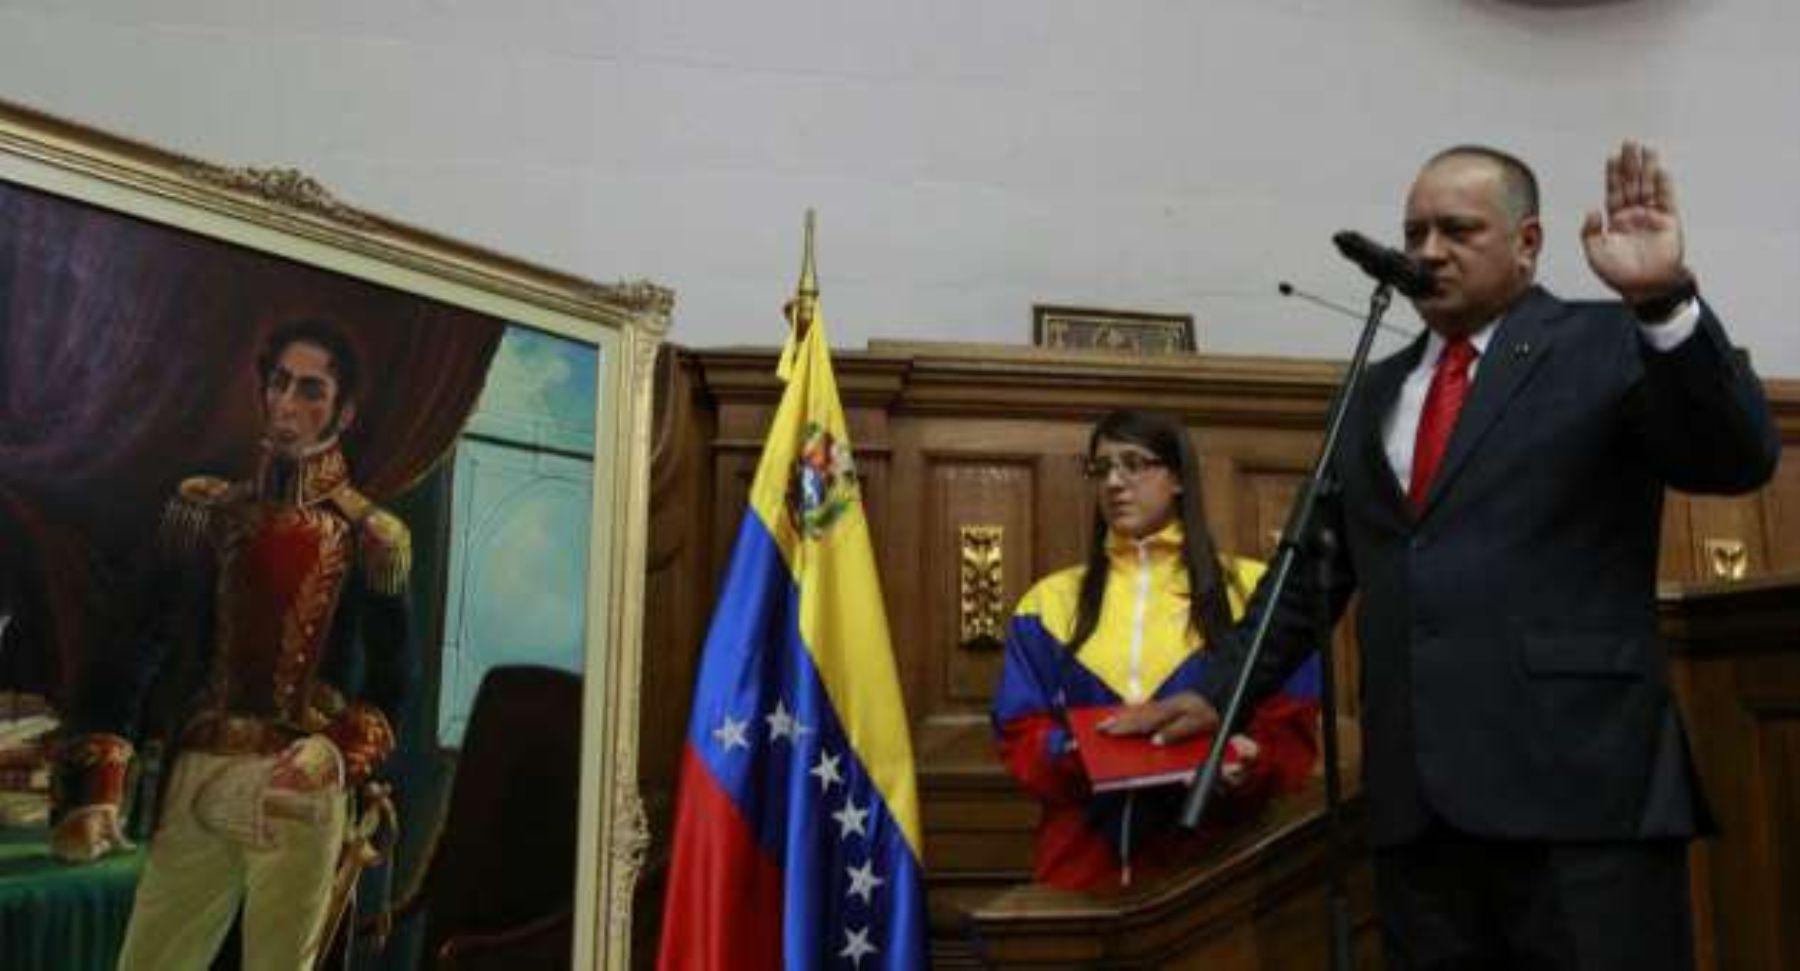 Oposición reconocerá resultados si les son favorables — Cabello